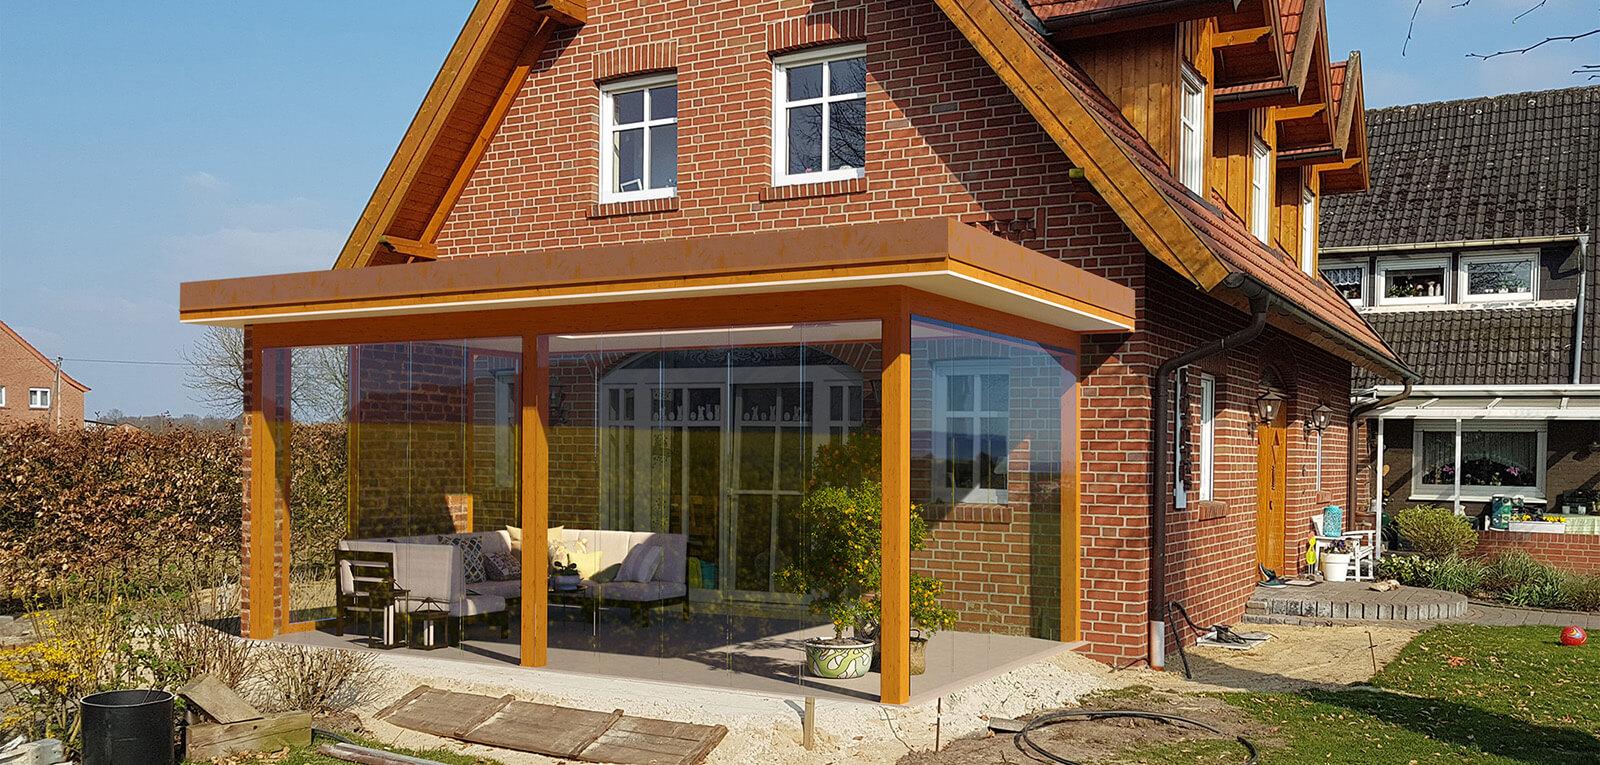 Der Wintergarten wird als CAD-Modell konstruiert und realistisch in das Foto montiert.